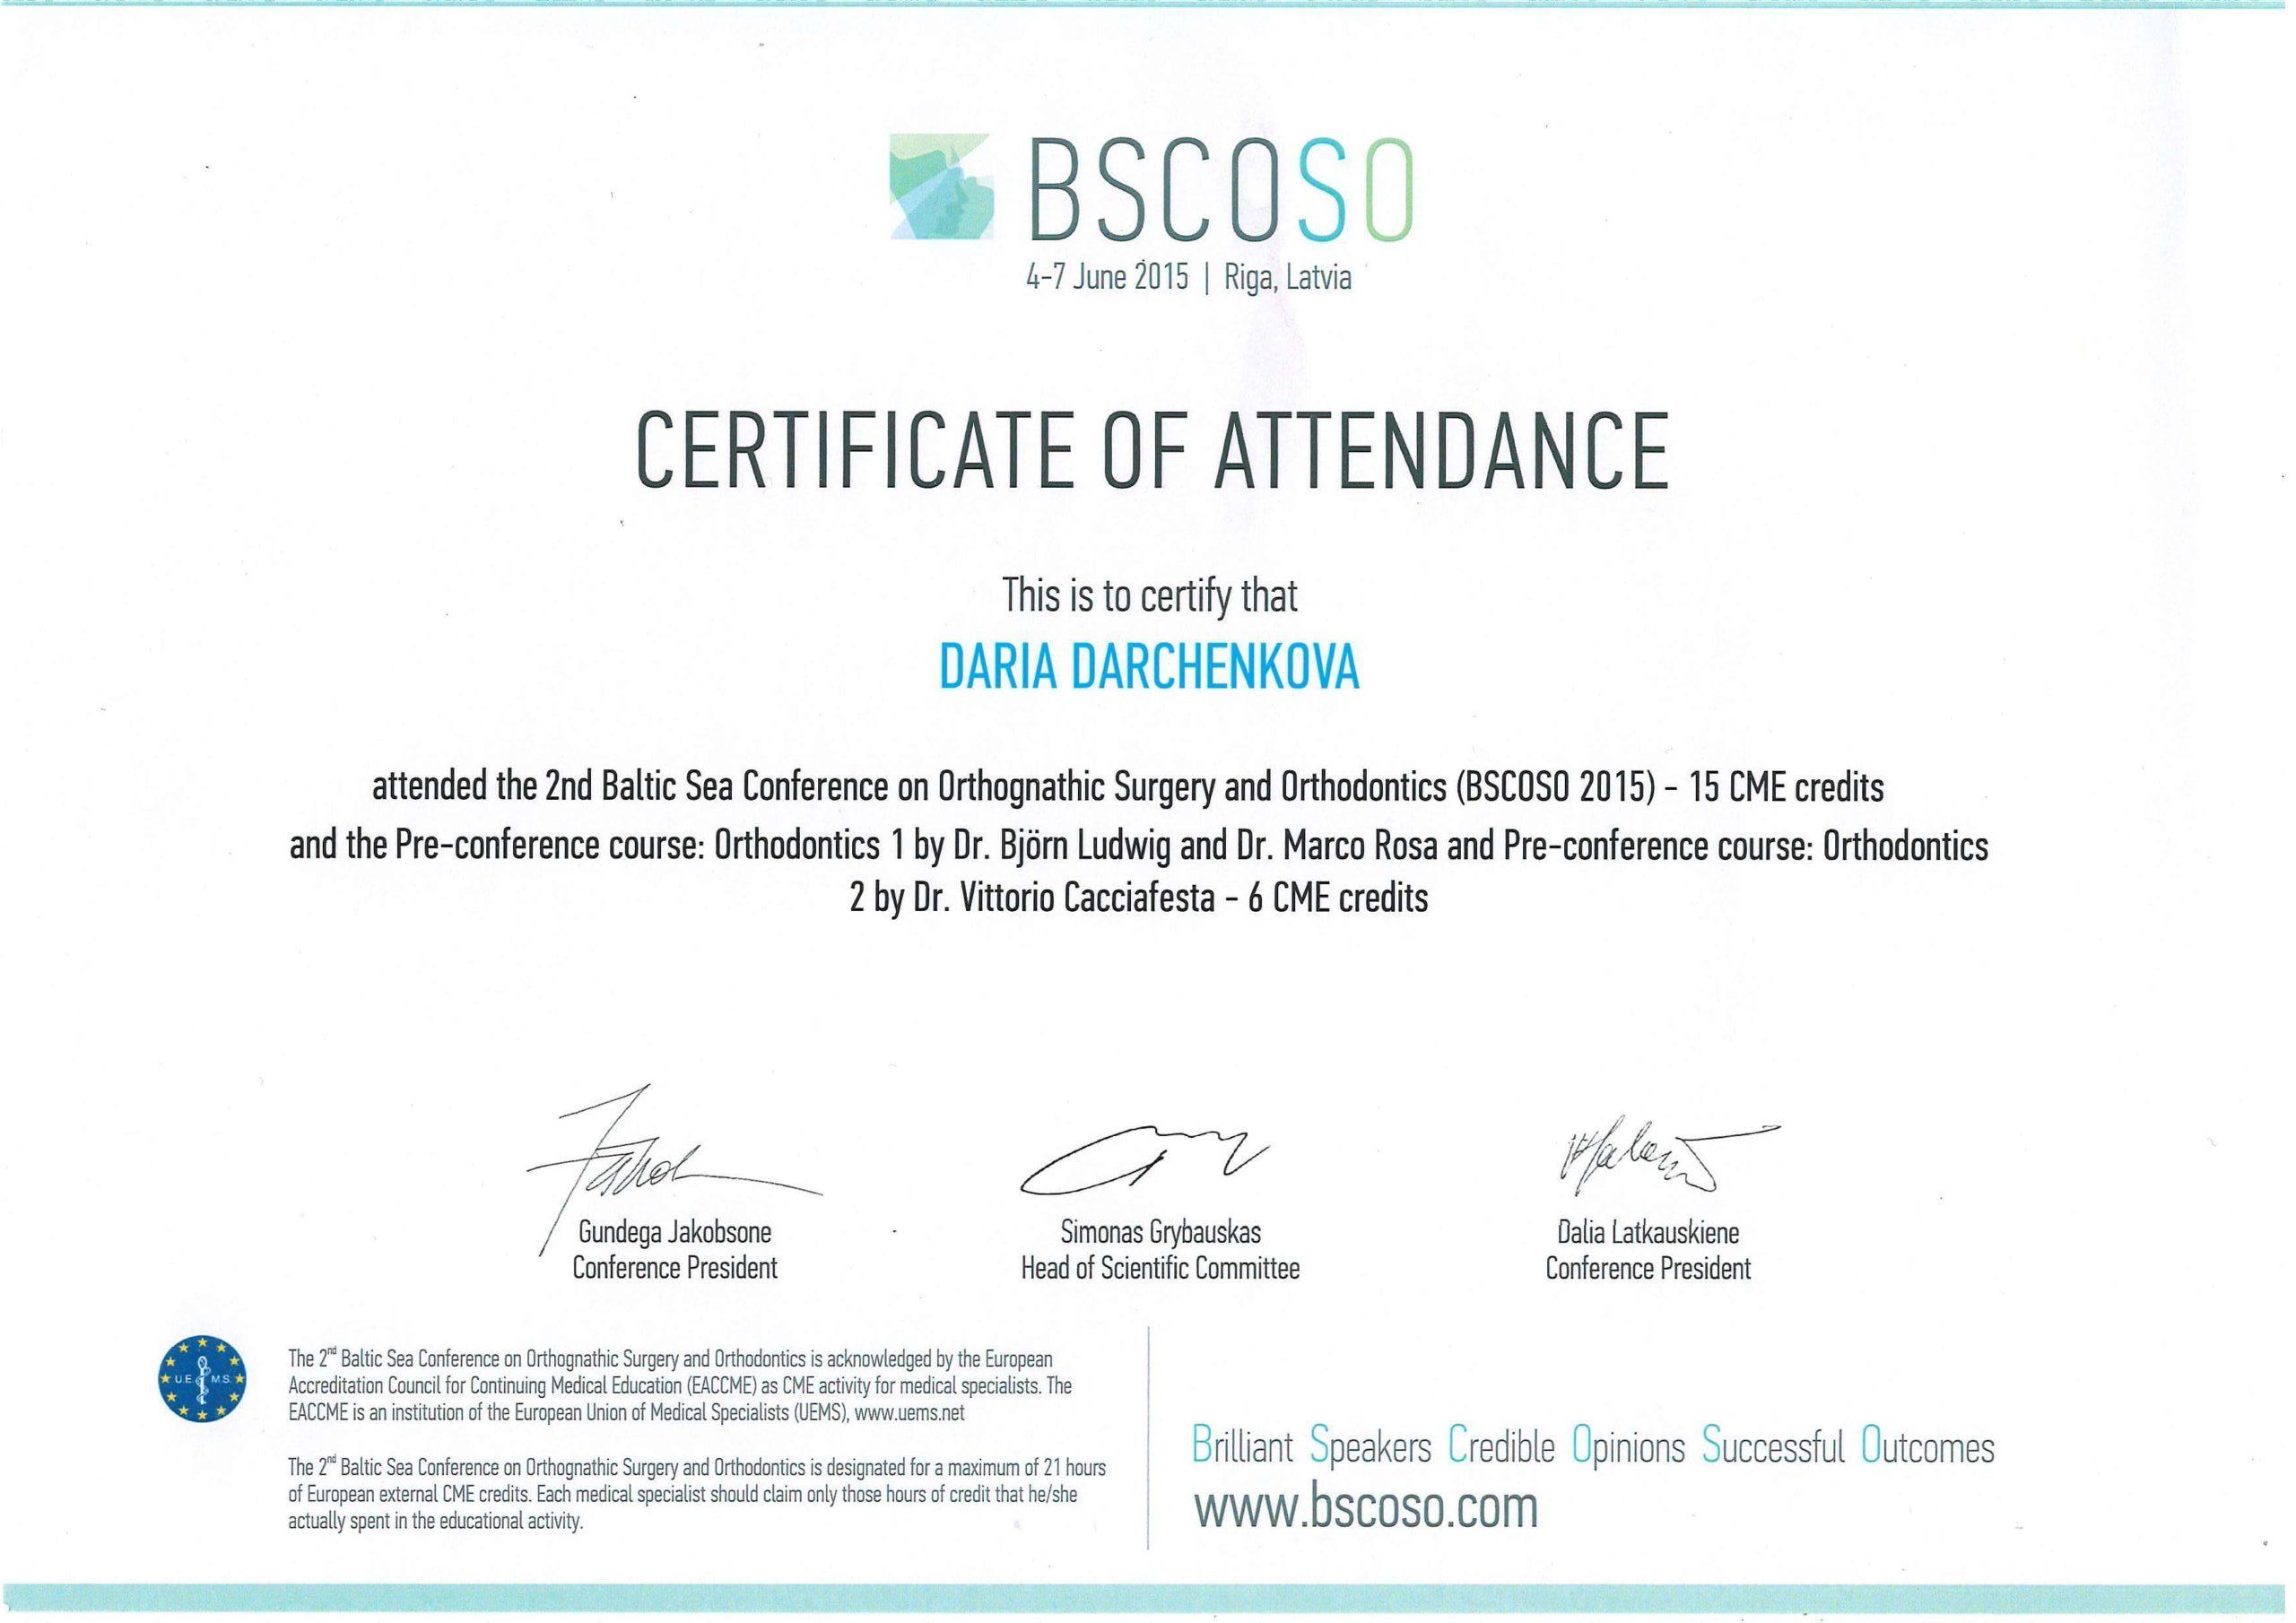 сертификат стоматолога Дарченкова 2015